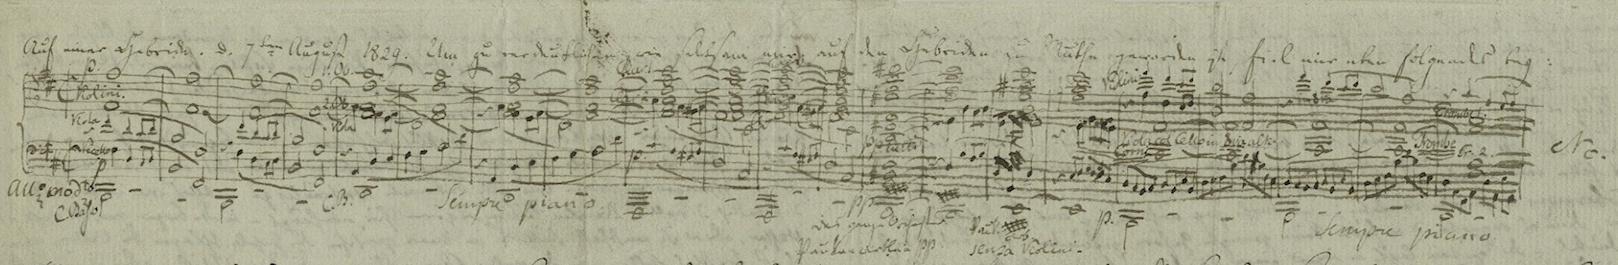 Mendelssohn's sketch of The Hebrides